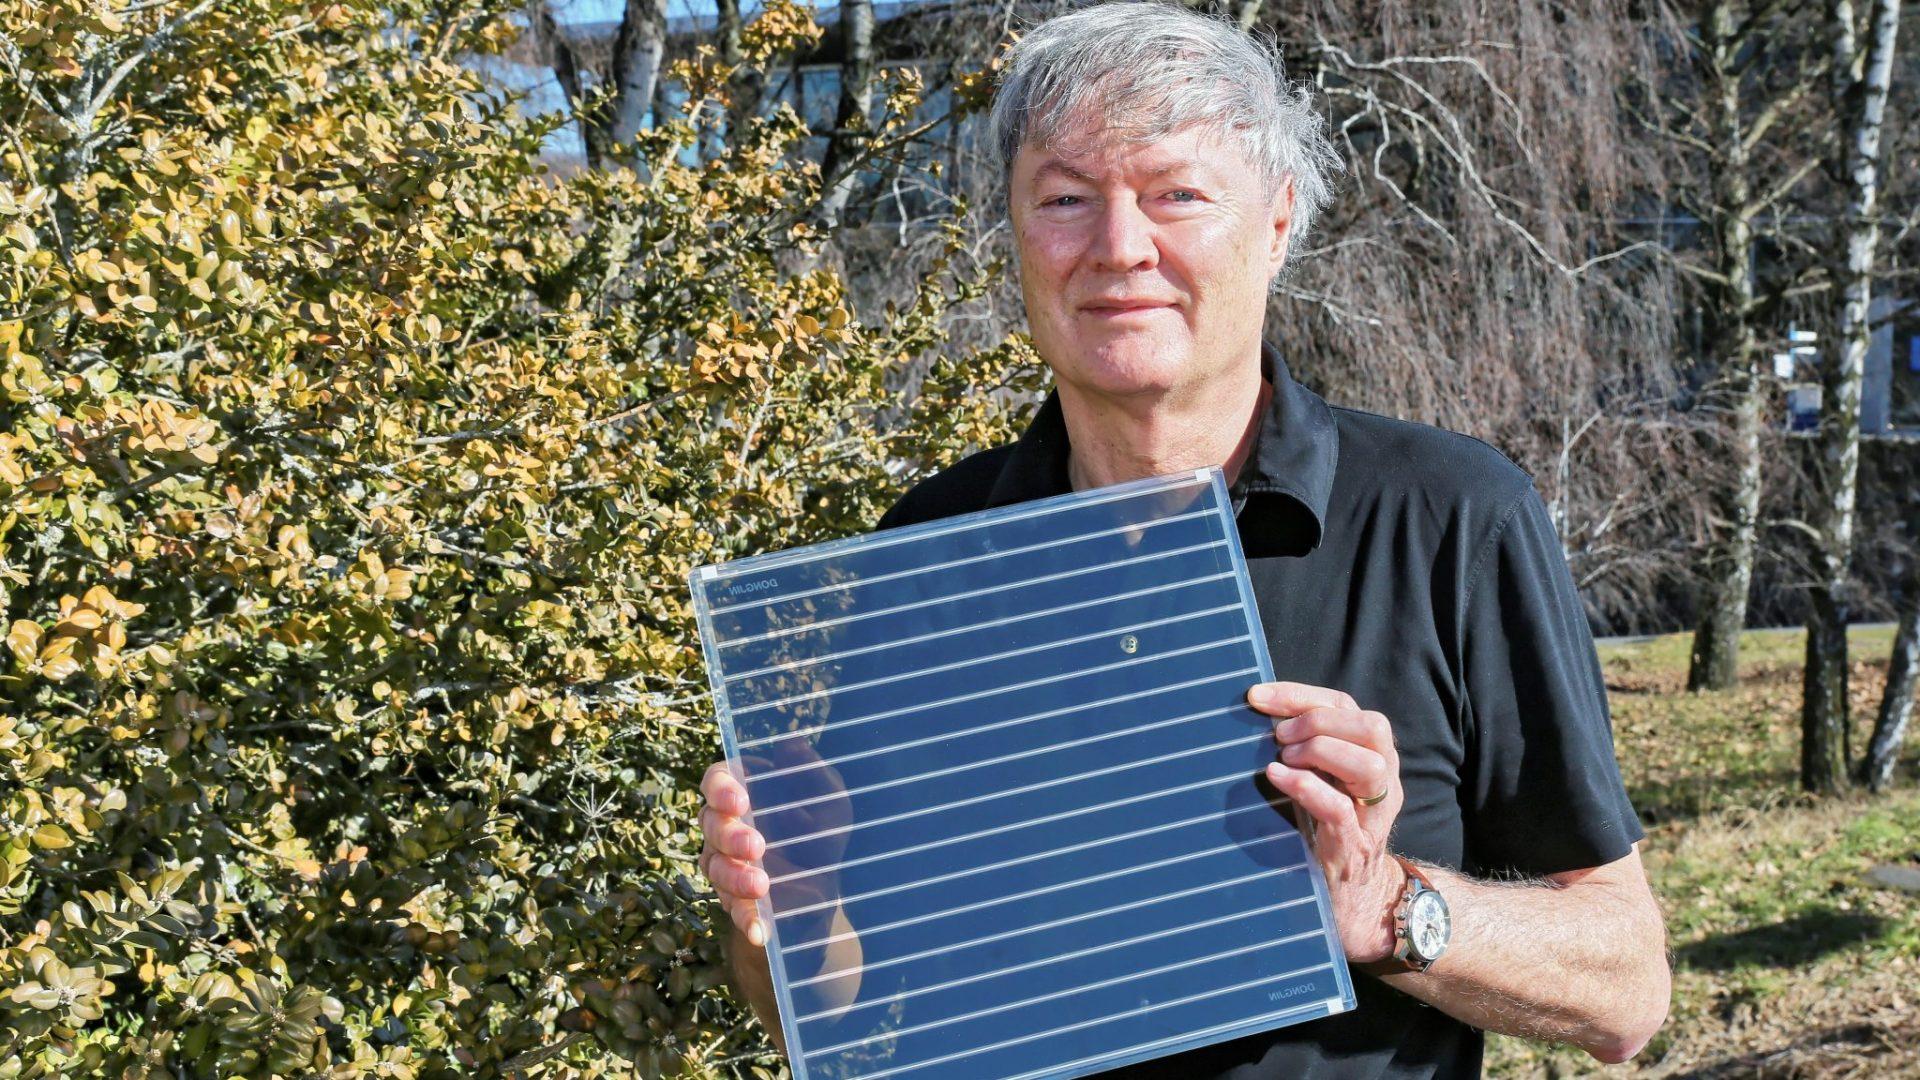 Le professeur Michael Grätzel tient une cellule solaire à pigment photosensible.